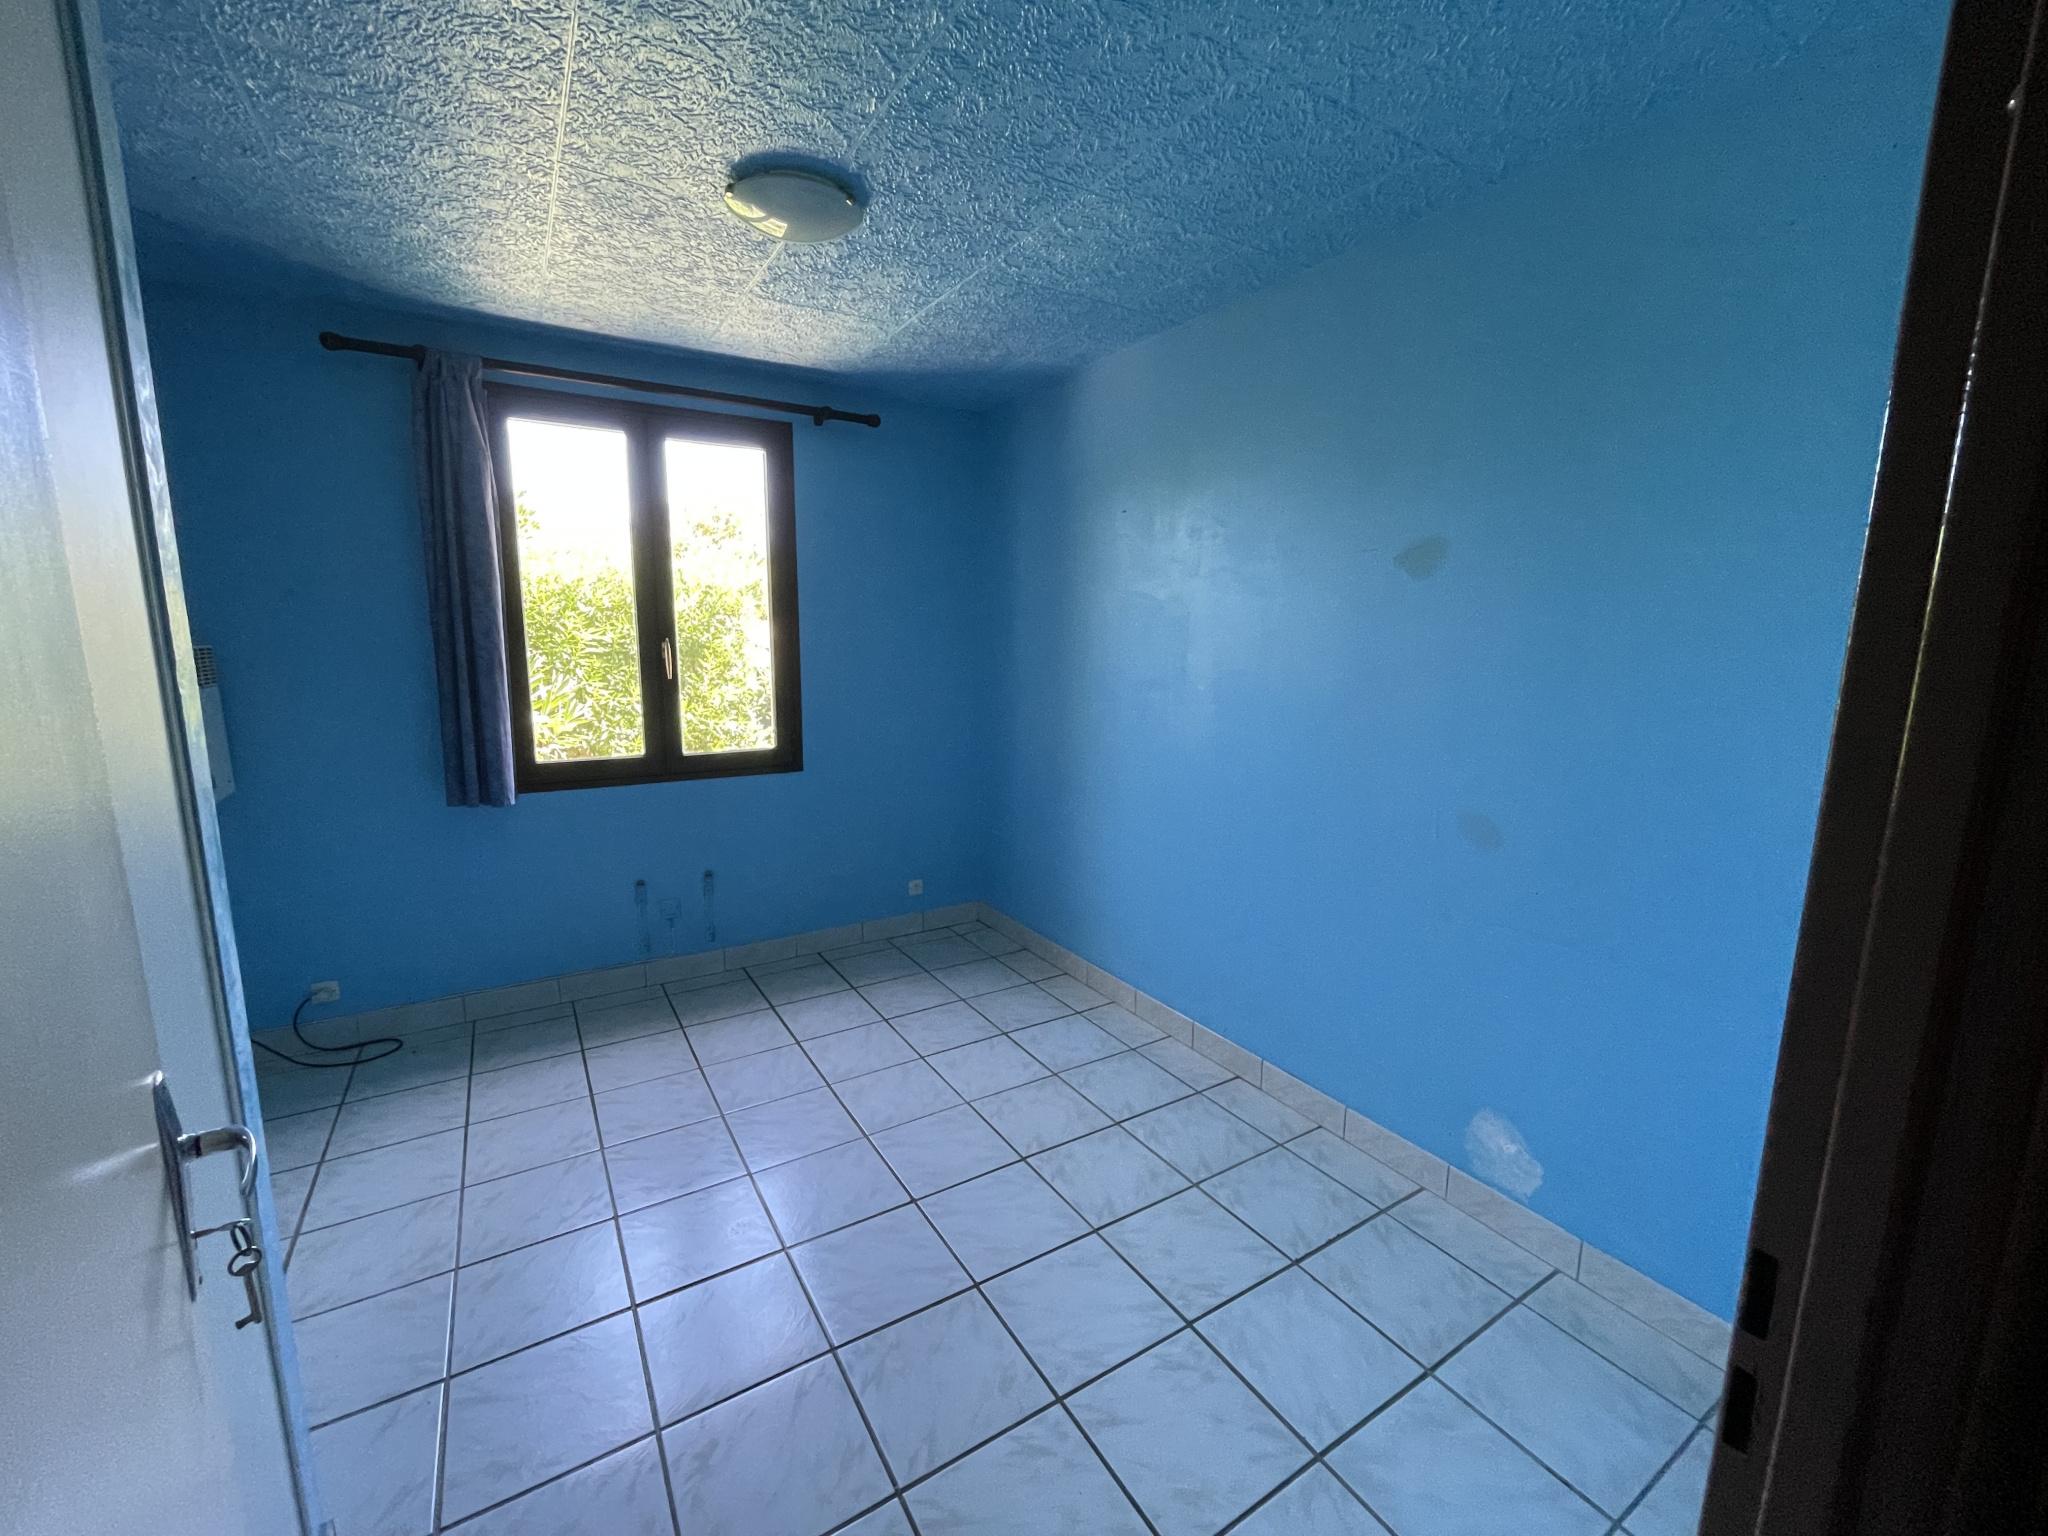 À vendre maison/villa de 100m2 à st genis des fontaines (66740) - Photo 19'